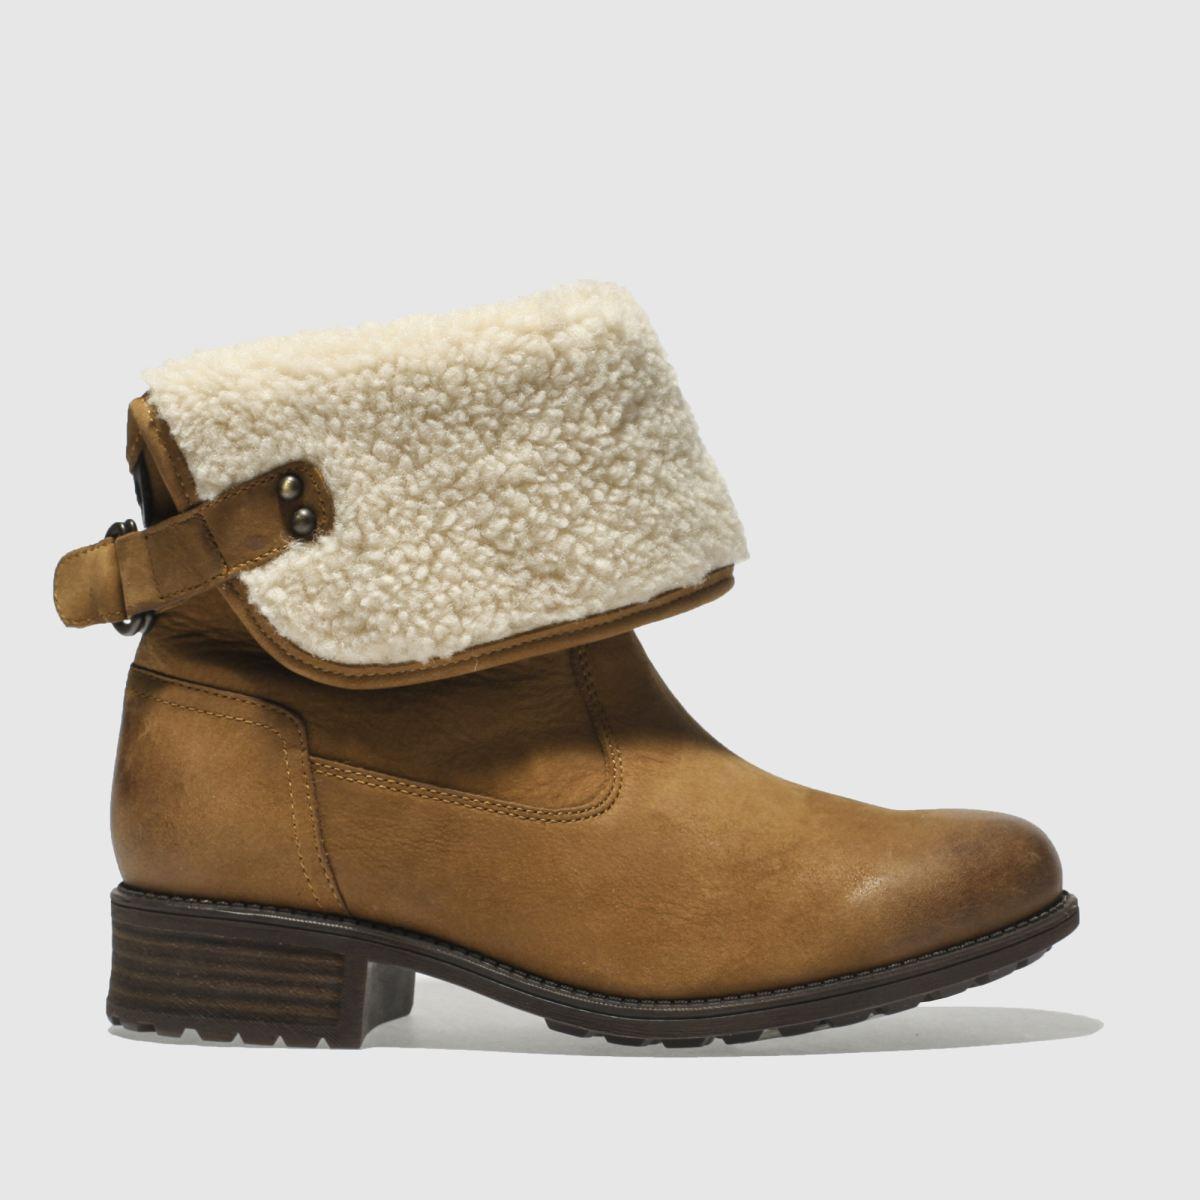 Ugg Tan Aldon Boots